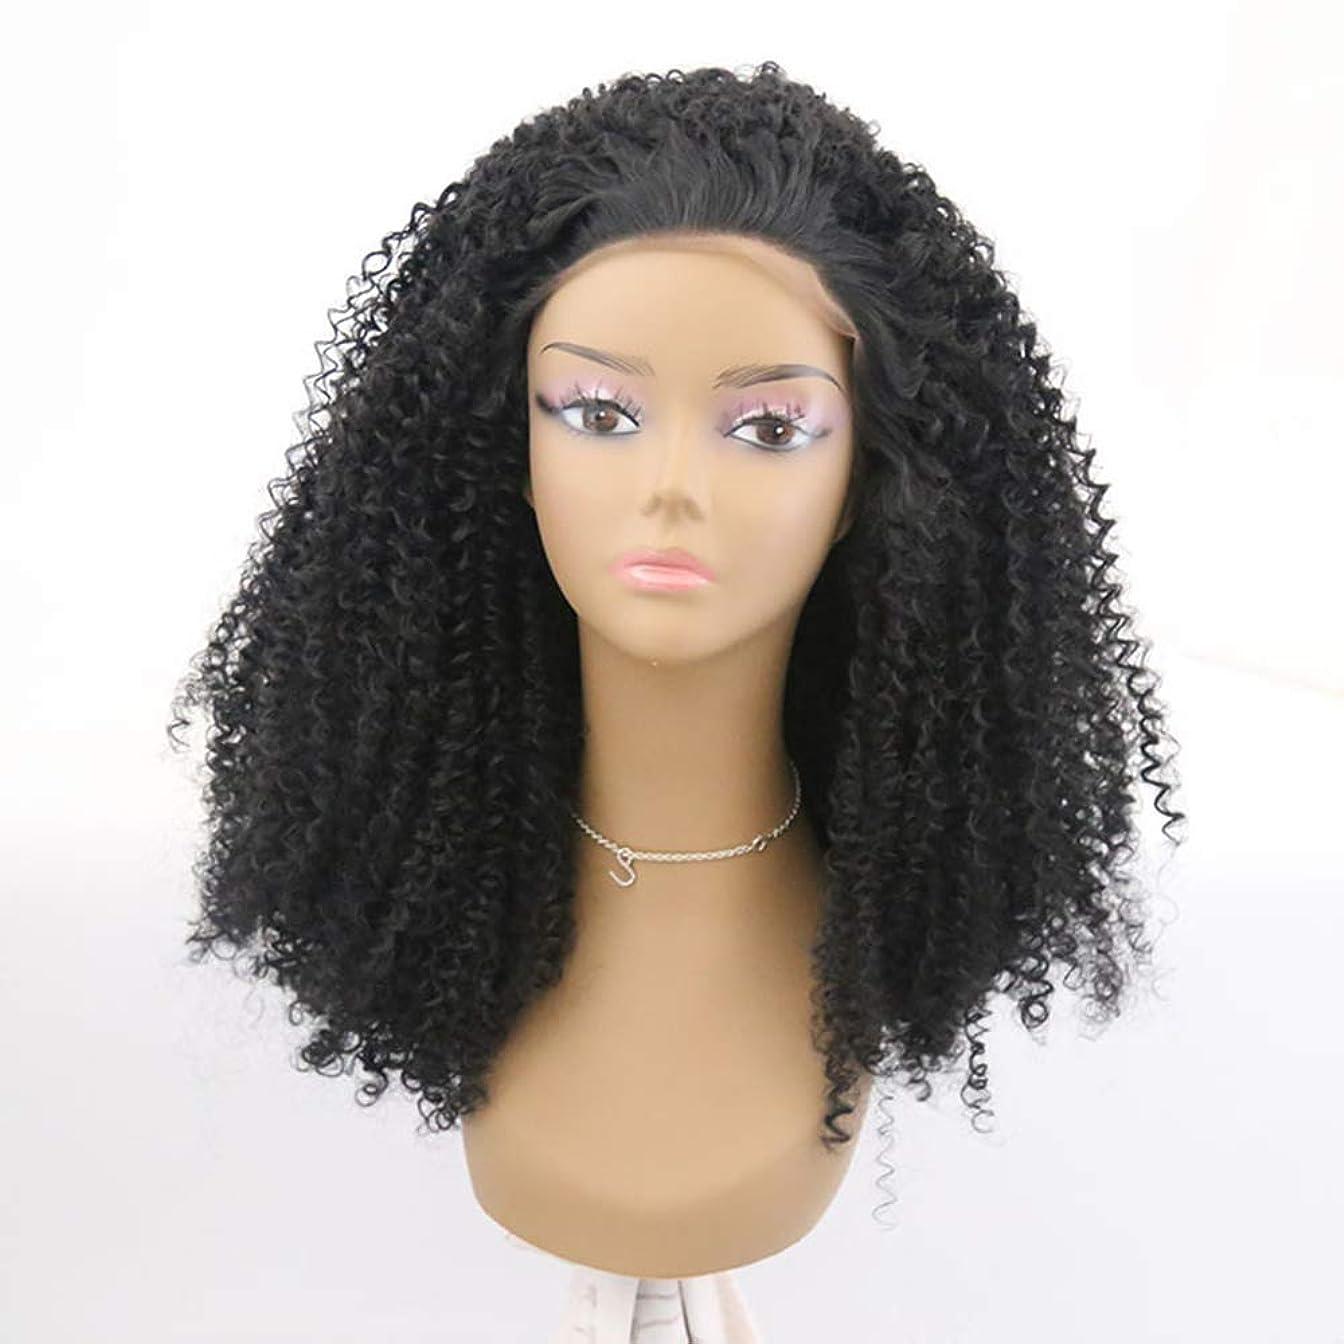 住所追記絡まる女性かつらブラジルの人間の髪の毛短い巻き毛の部分レースフロントかつら赤ん坊の髪の漂白された結び目プレプレックヘアライン180%密度黒